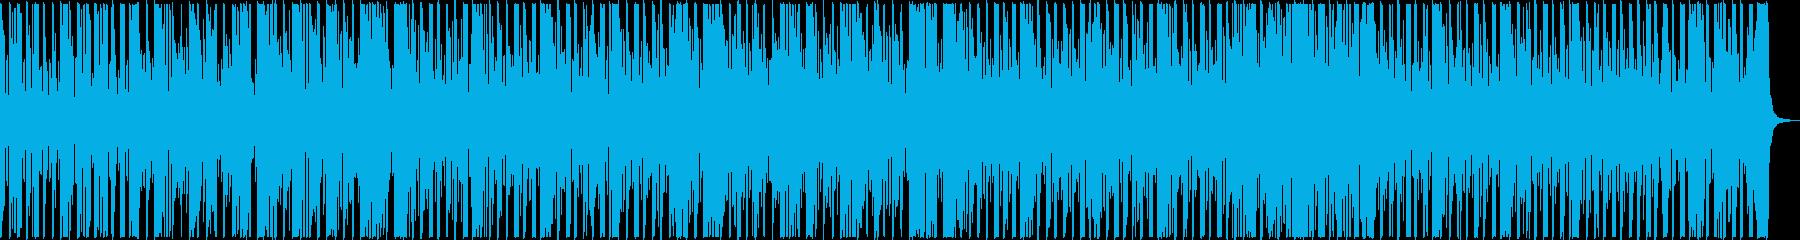 煌びやかなピアノとストリングスのワルツの再生済みの波形